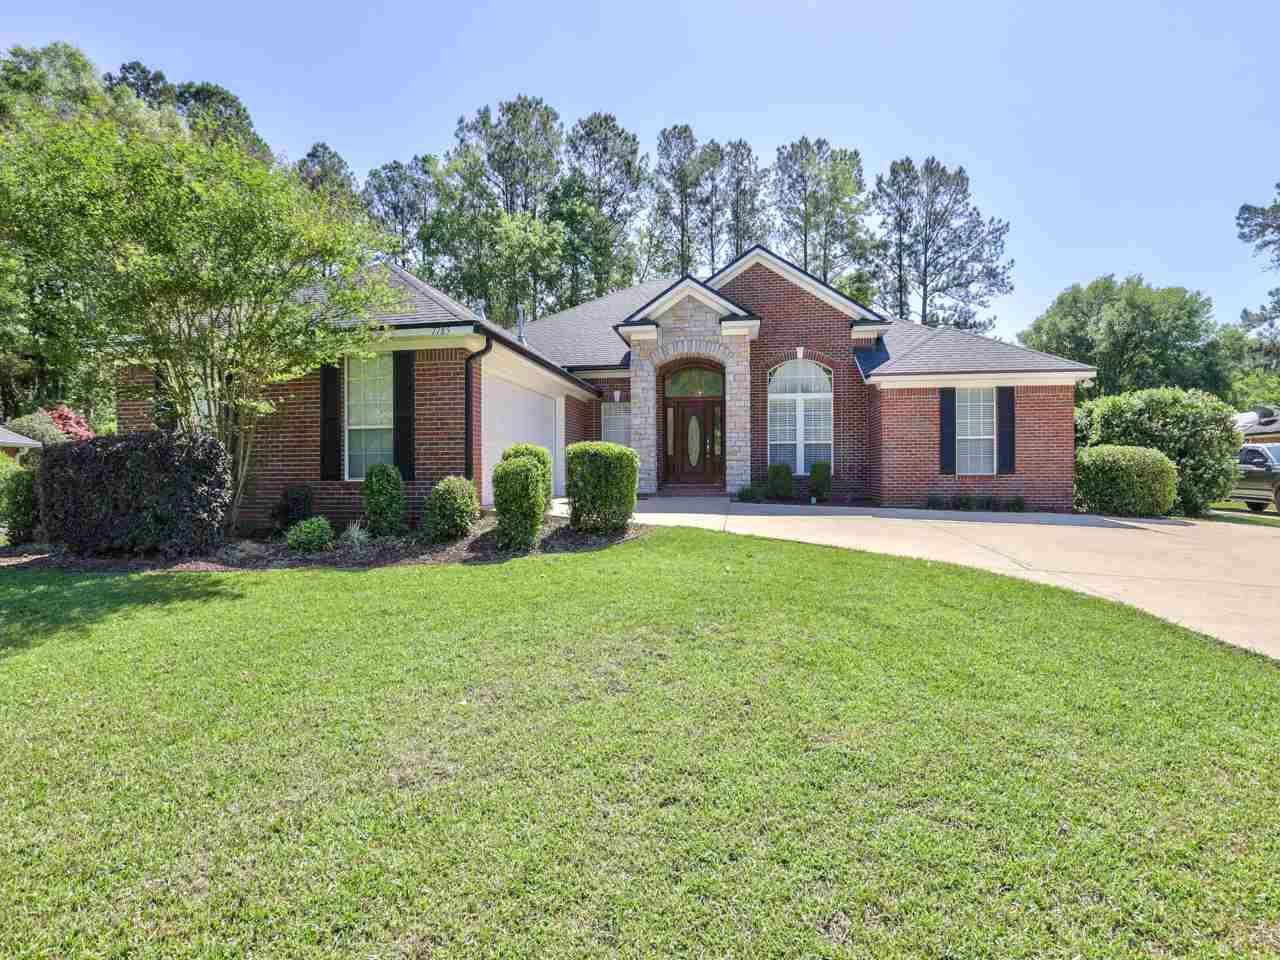 7785 Cricklewood Drive, Tallahassee, FL 32312 - MLS#: 330501